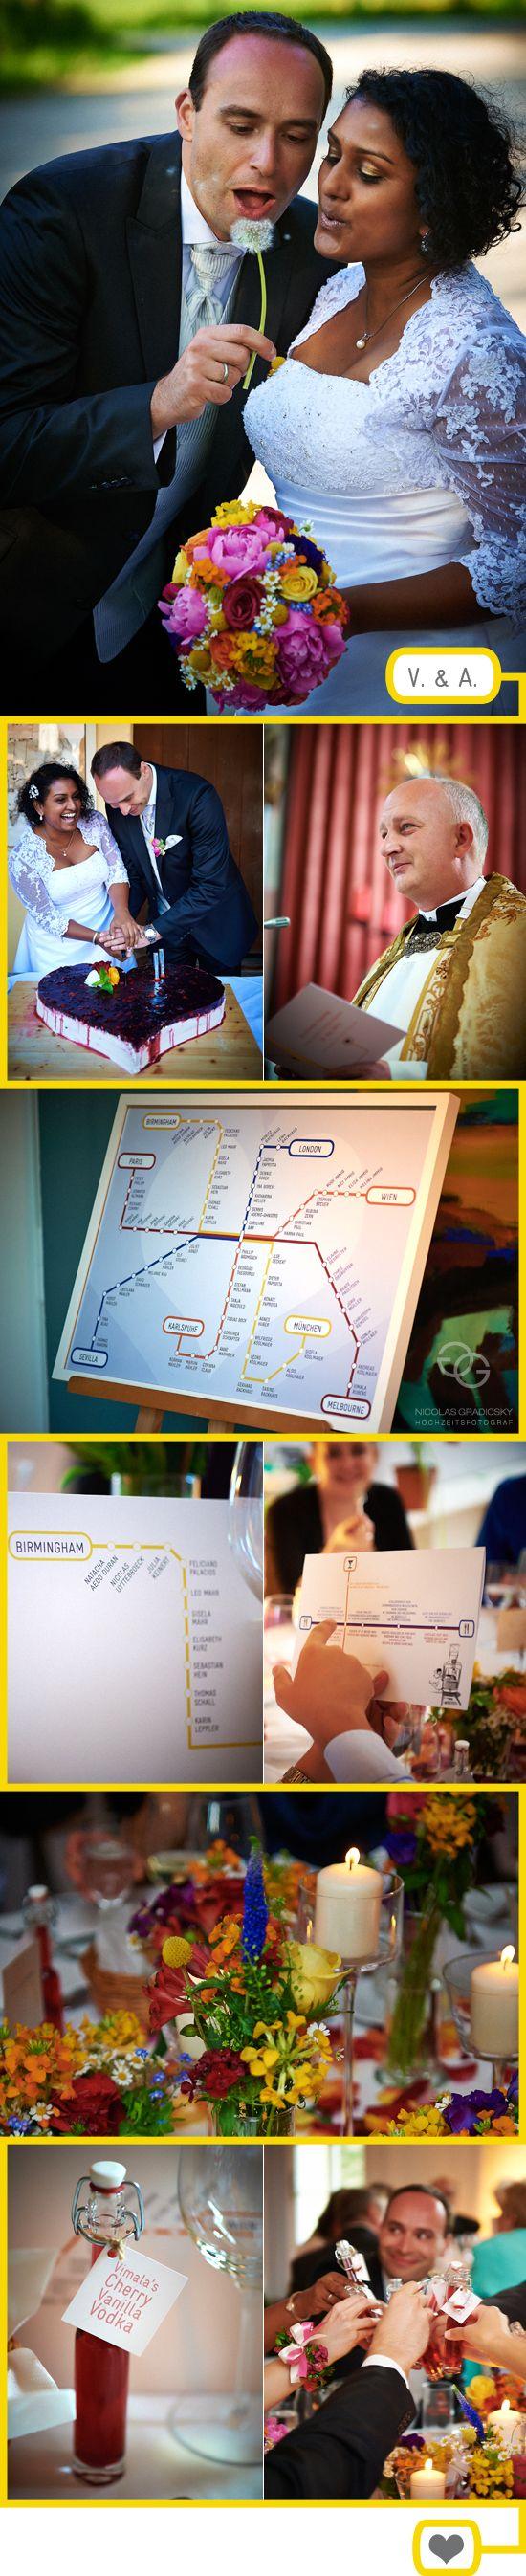 Hochzeitskonzept mit buntem Netzplan